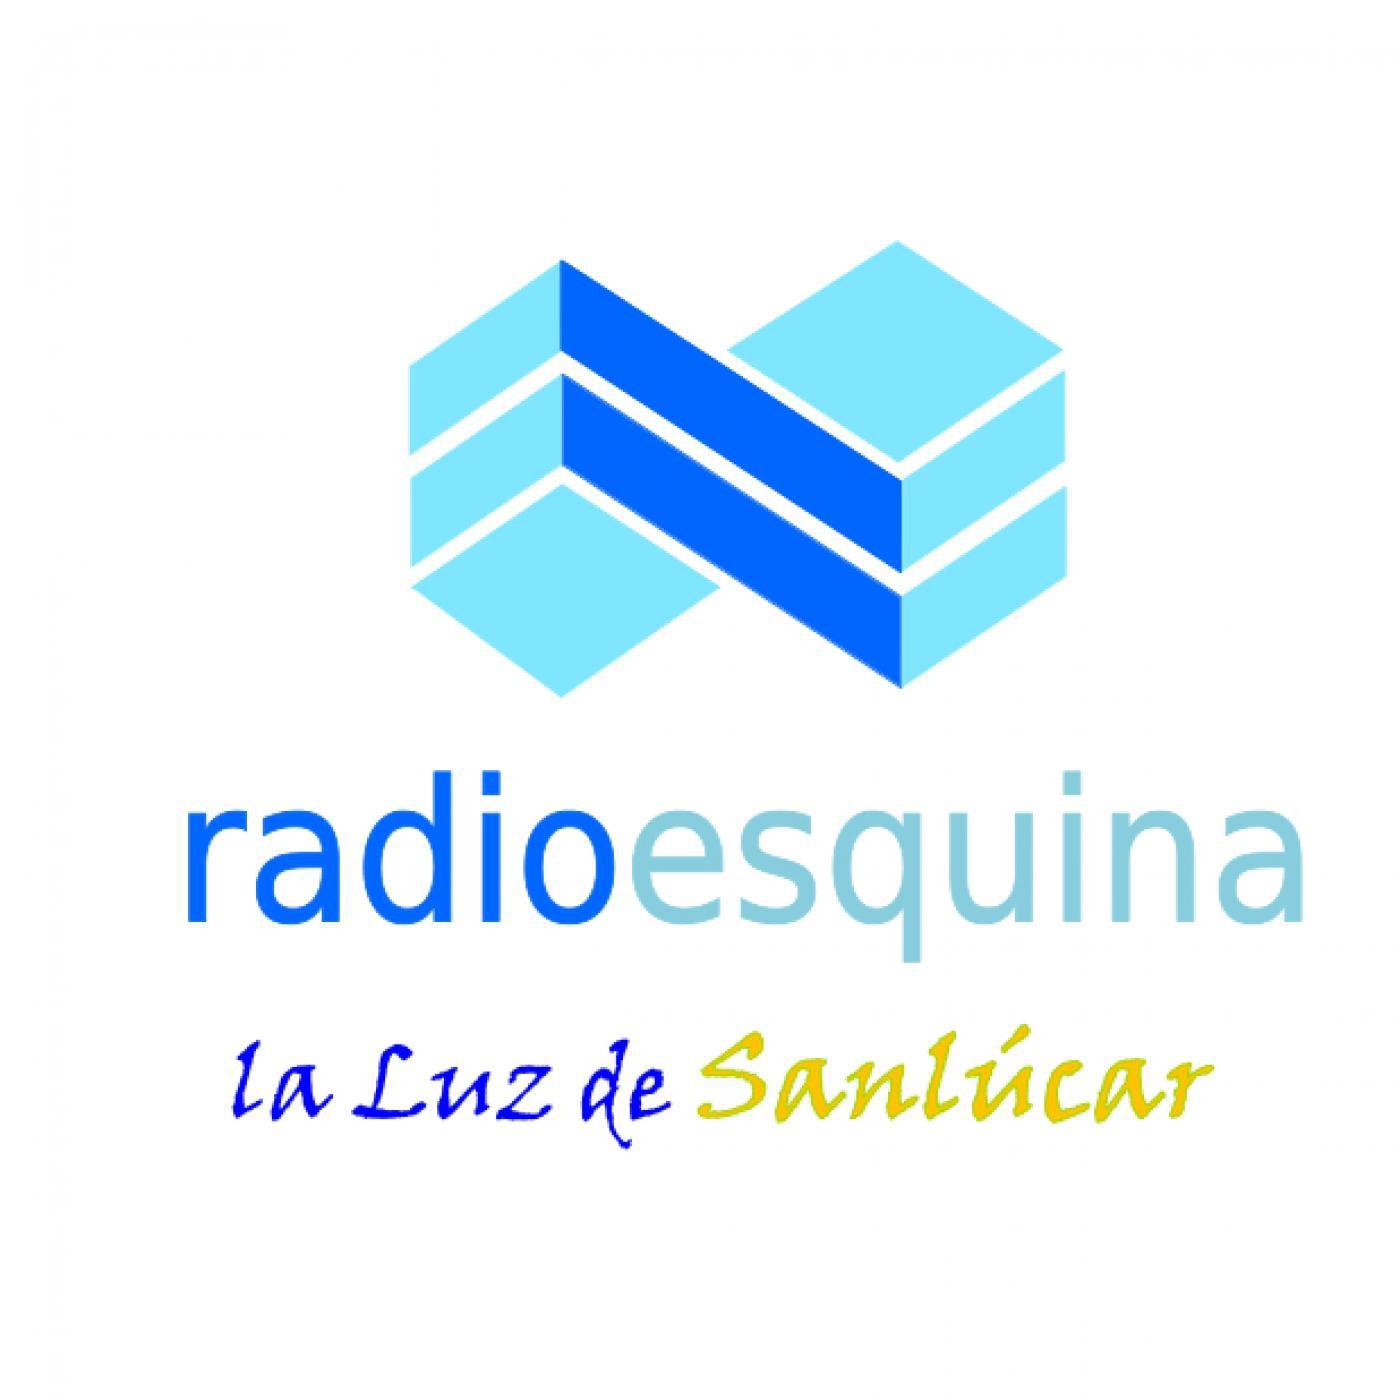 Radio Esquina, la LUZ de SANLU